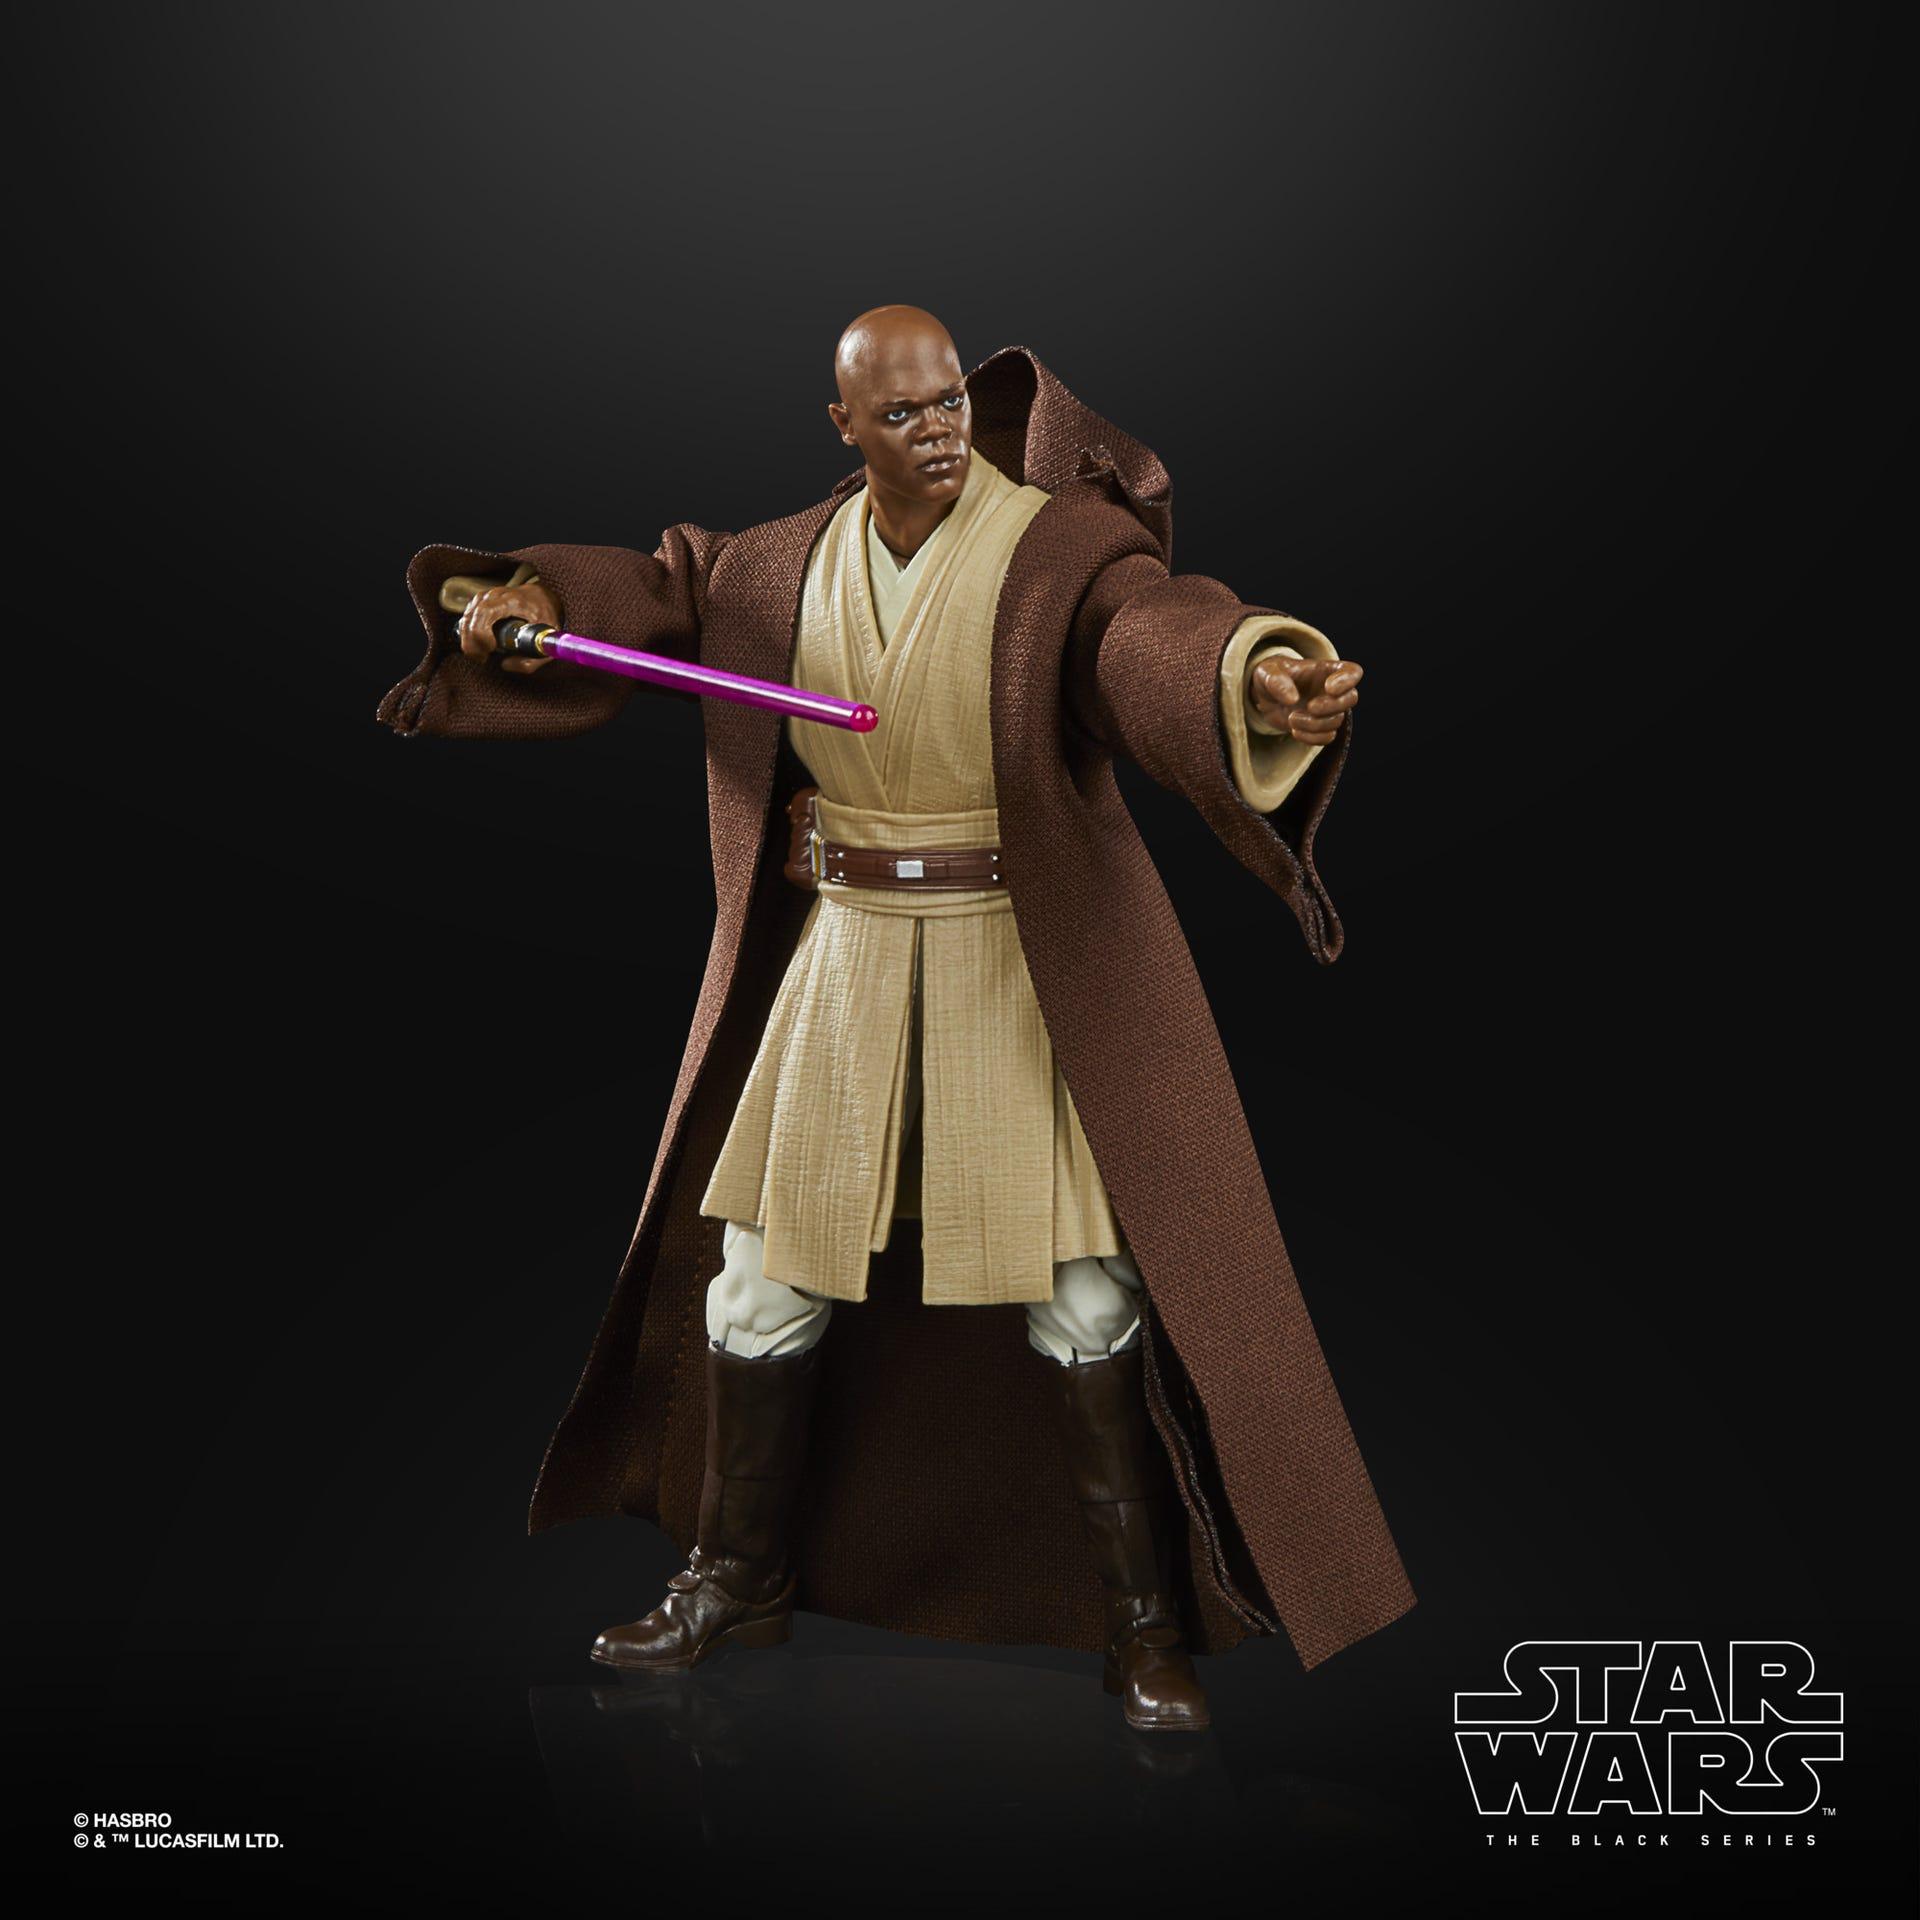 Star Wars The Black Series Mace Windu LUCASFILM 50TH ANNIVERSARY FIGUR F27325L00 5010993866168